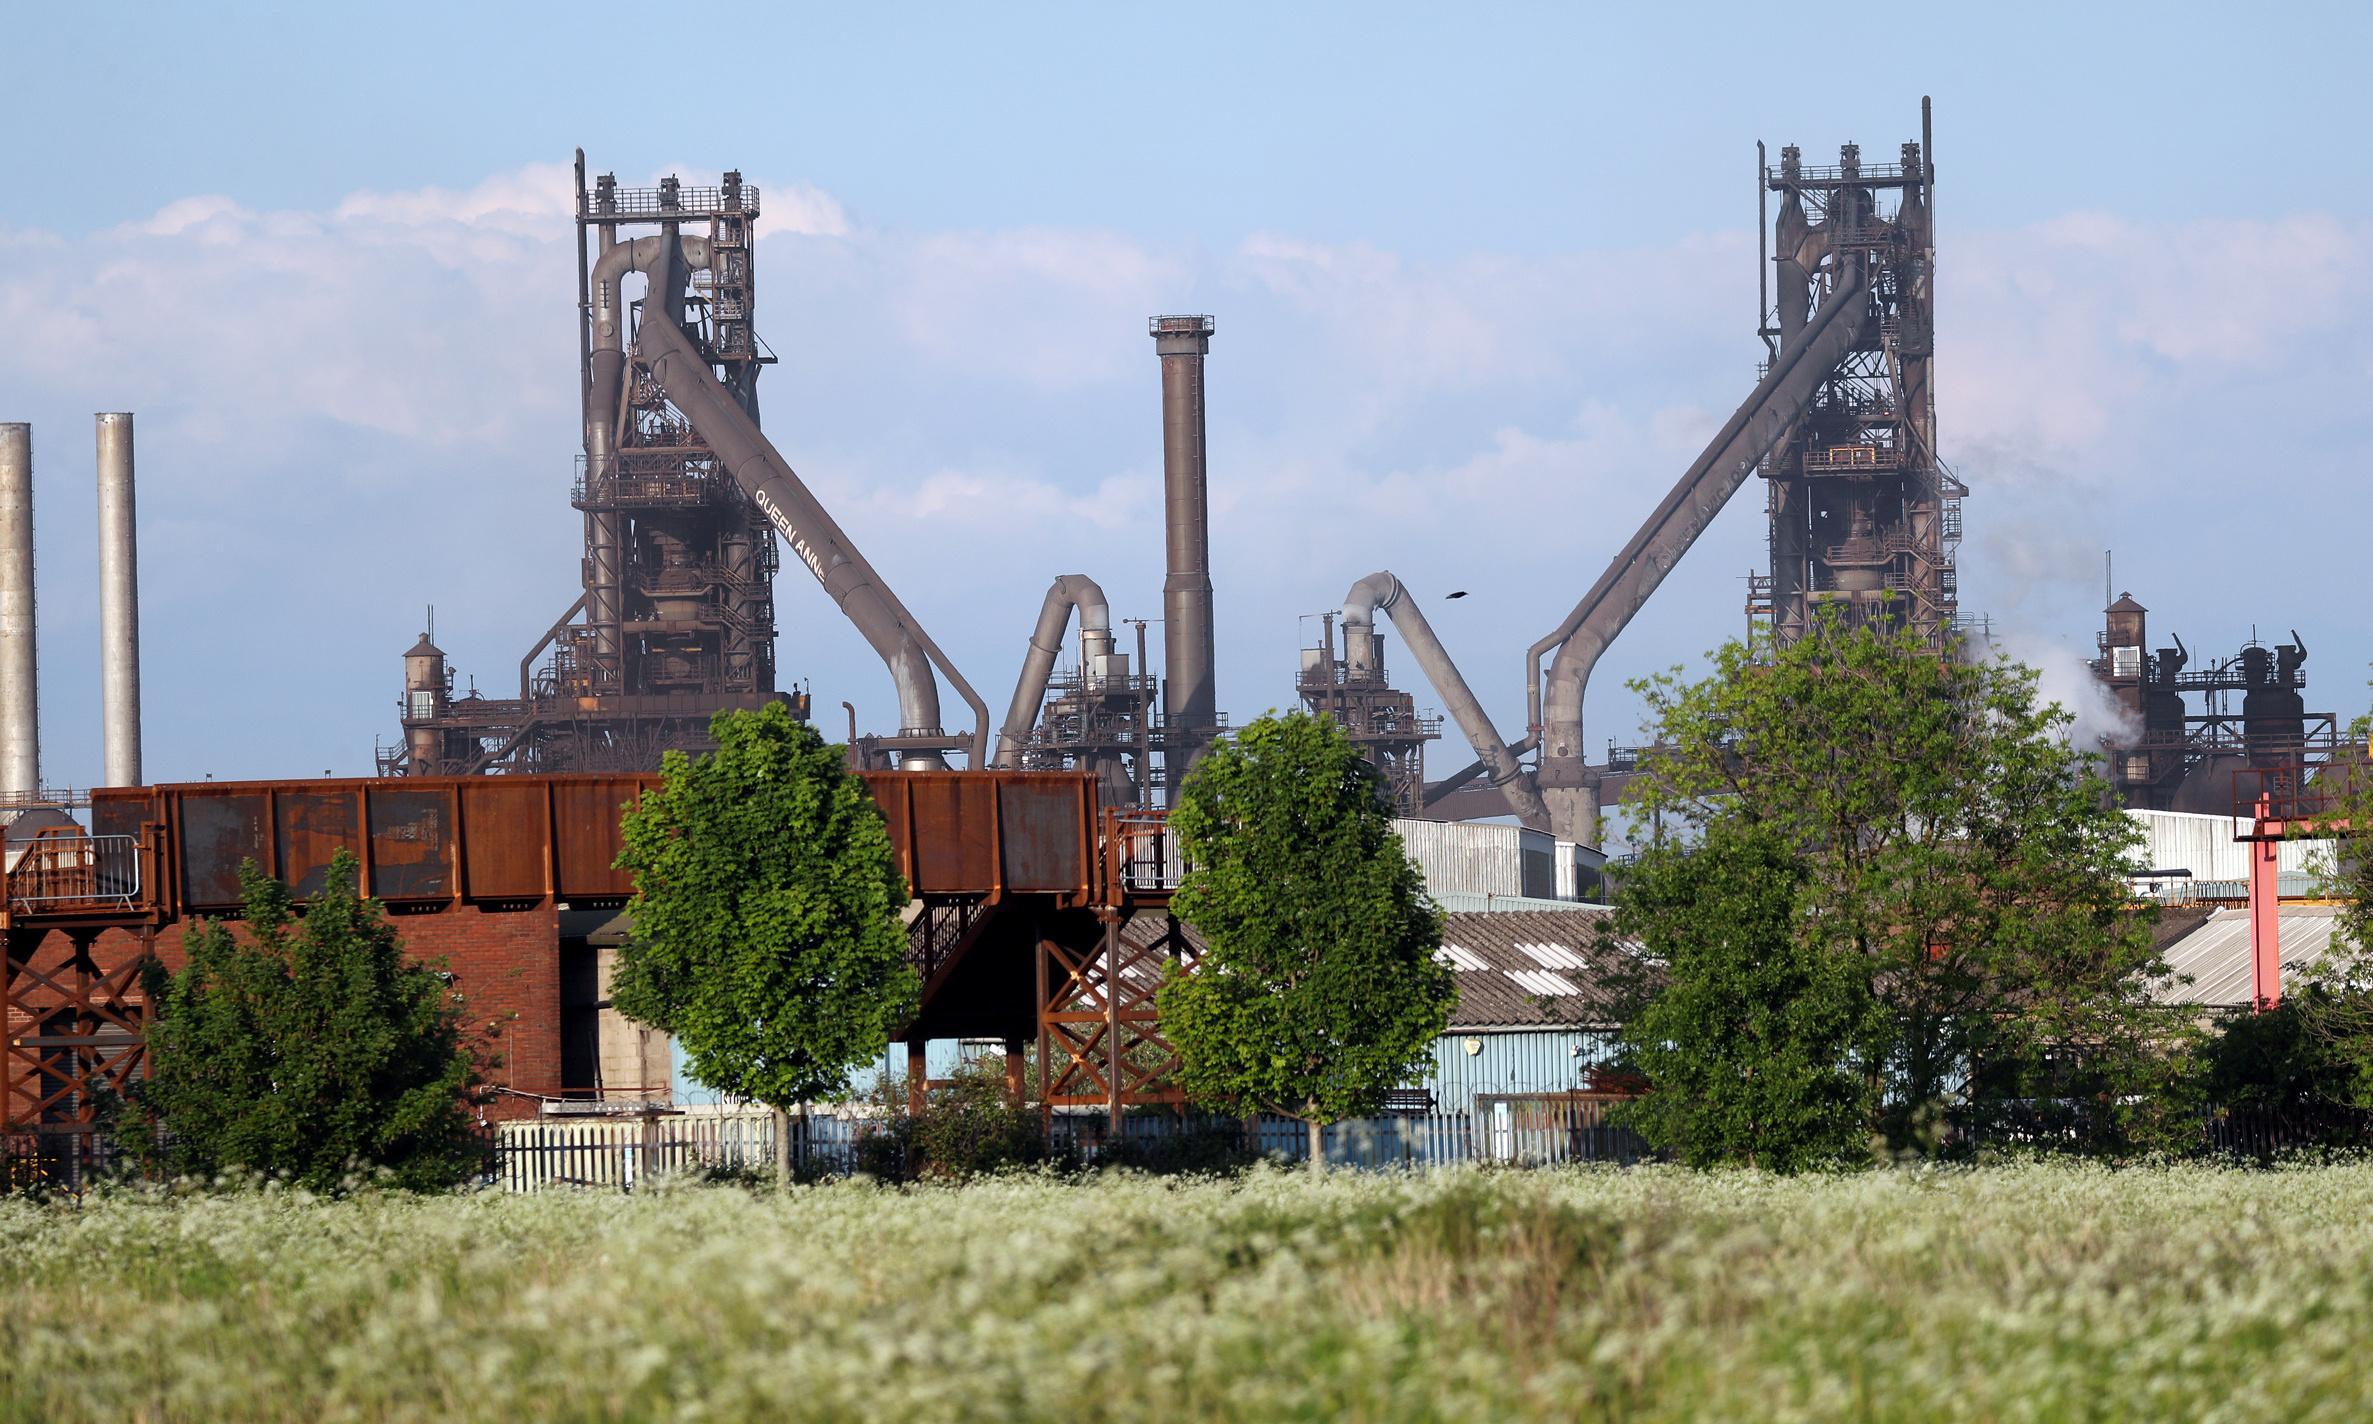 Turkish bidder for British Steel was accused of corruption